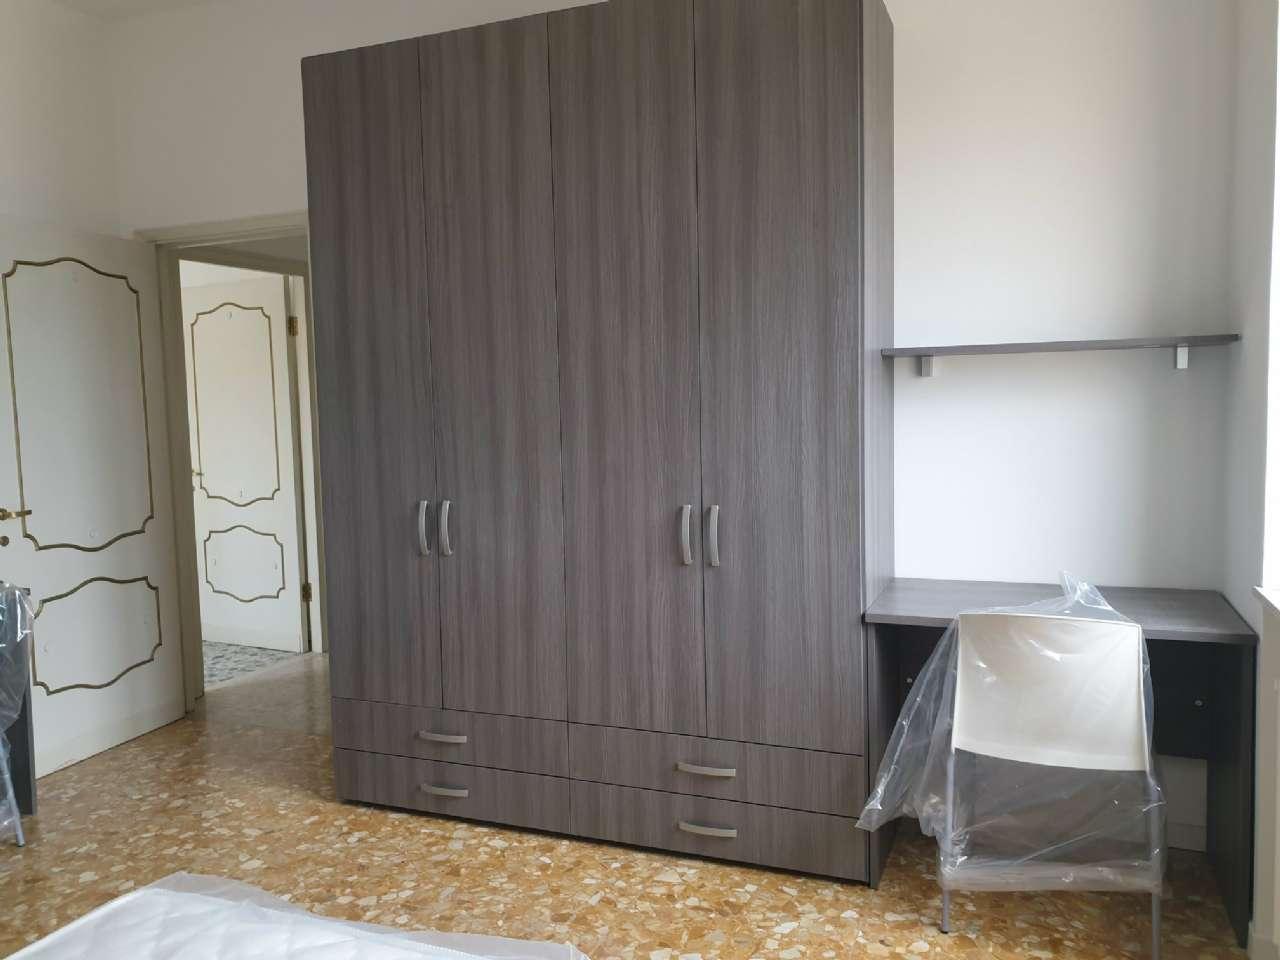 Appartamento in vendita a Macerata, 5 locali, prezzo € 220.000 | PortaleAgenzieImmobiliari.it